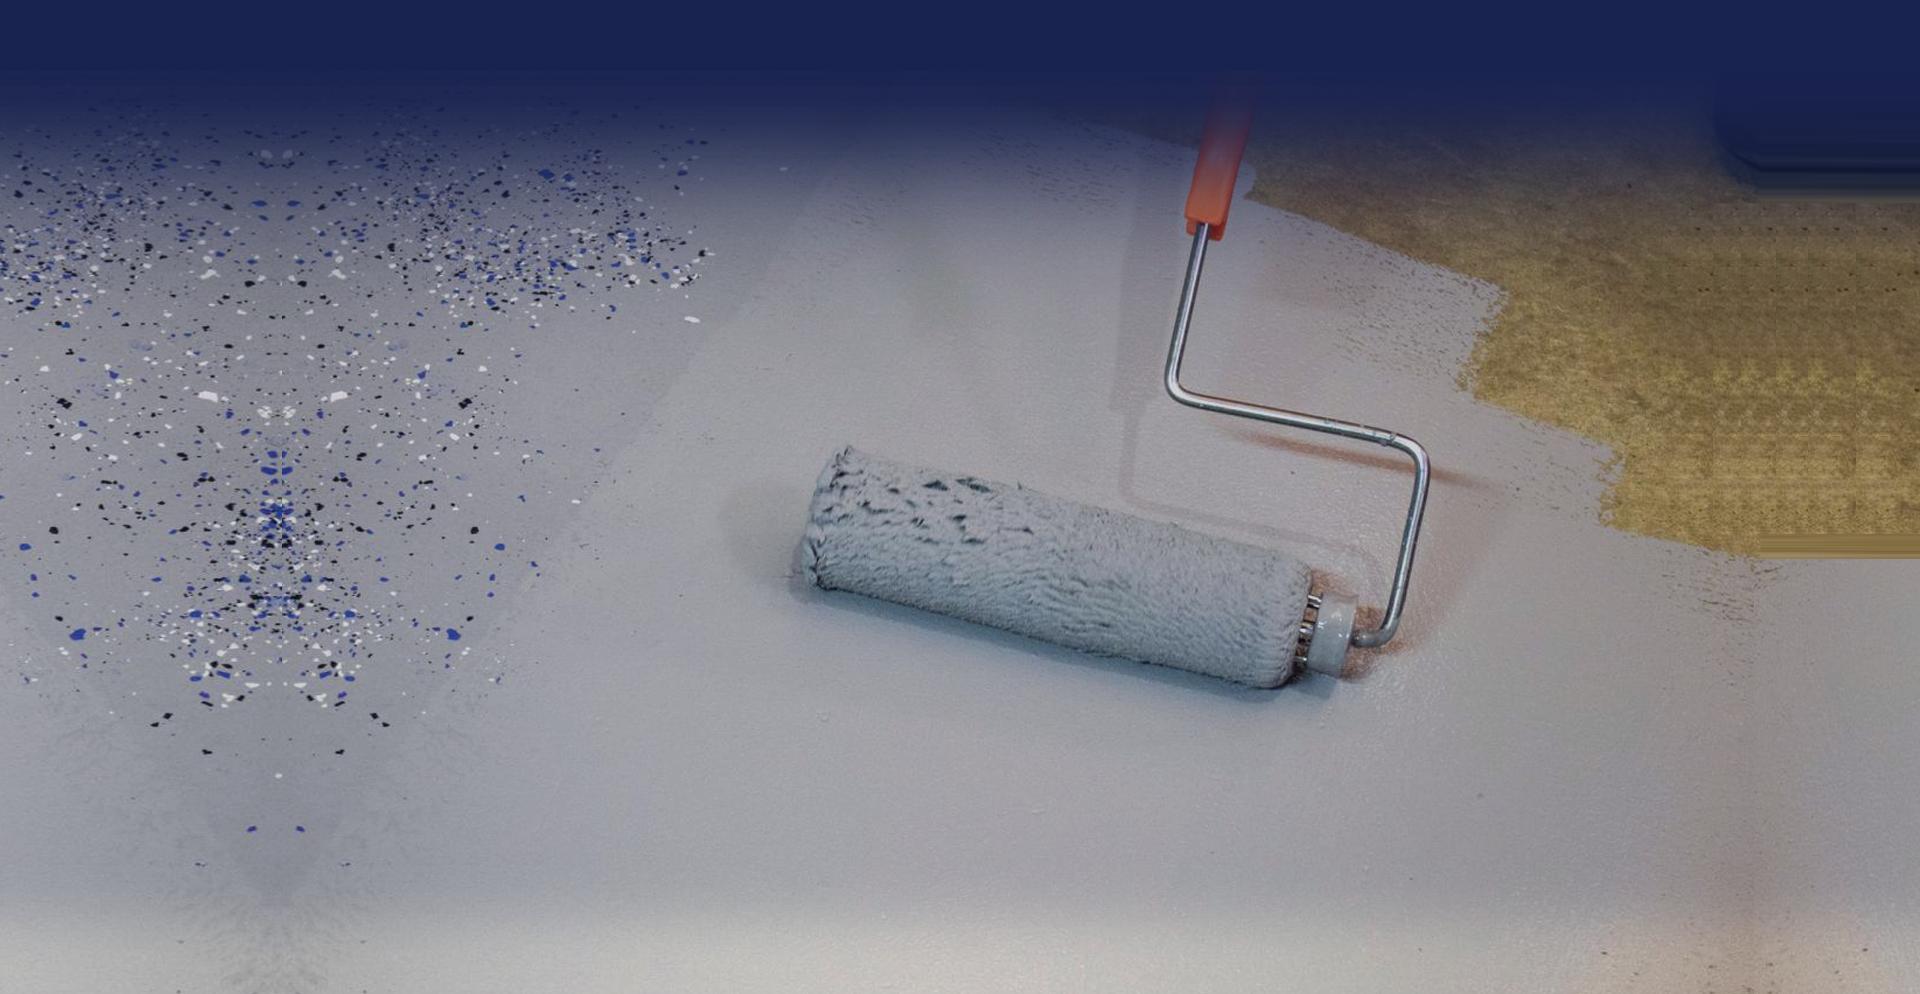 Hệ thống phủ epoxy gốc dung môi KERASEAL ADO20